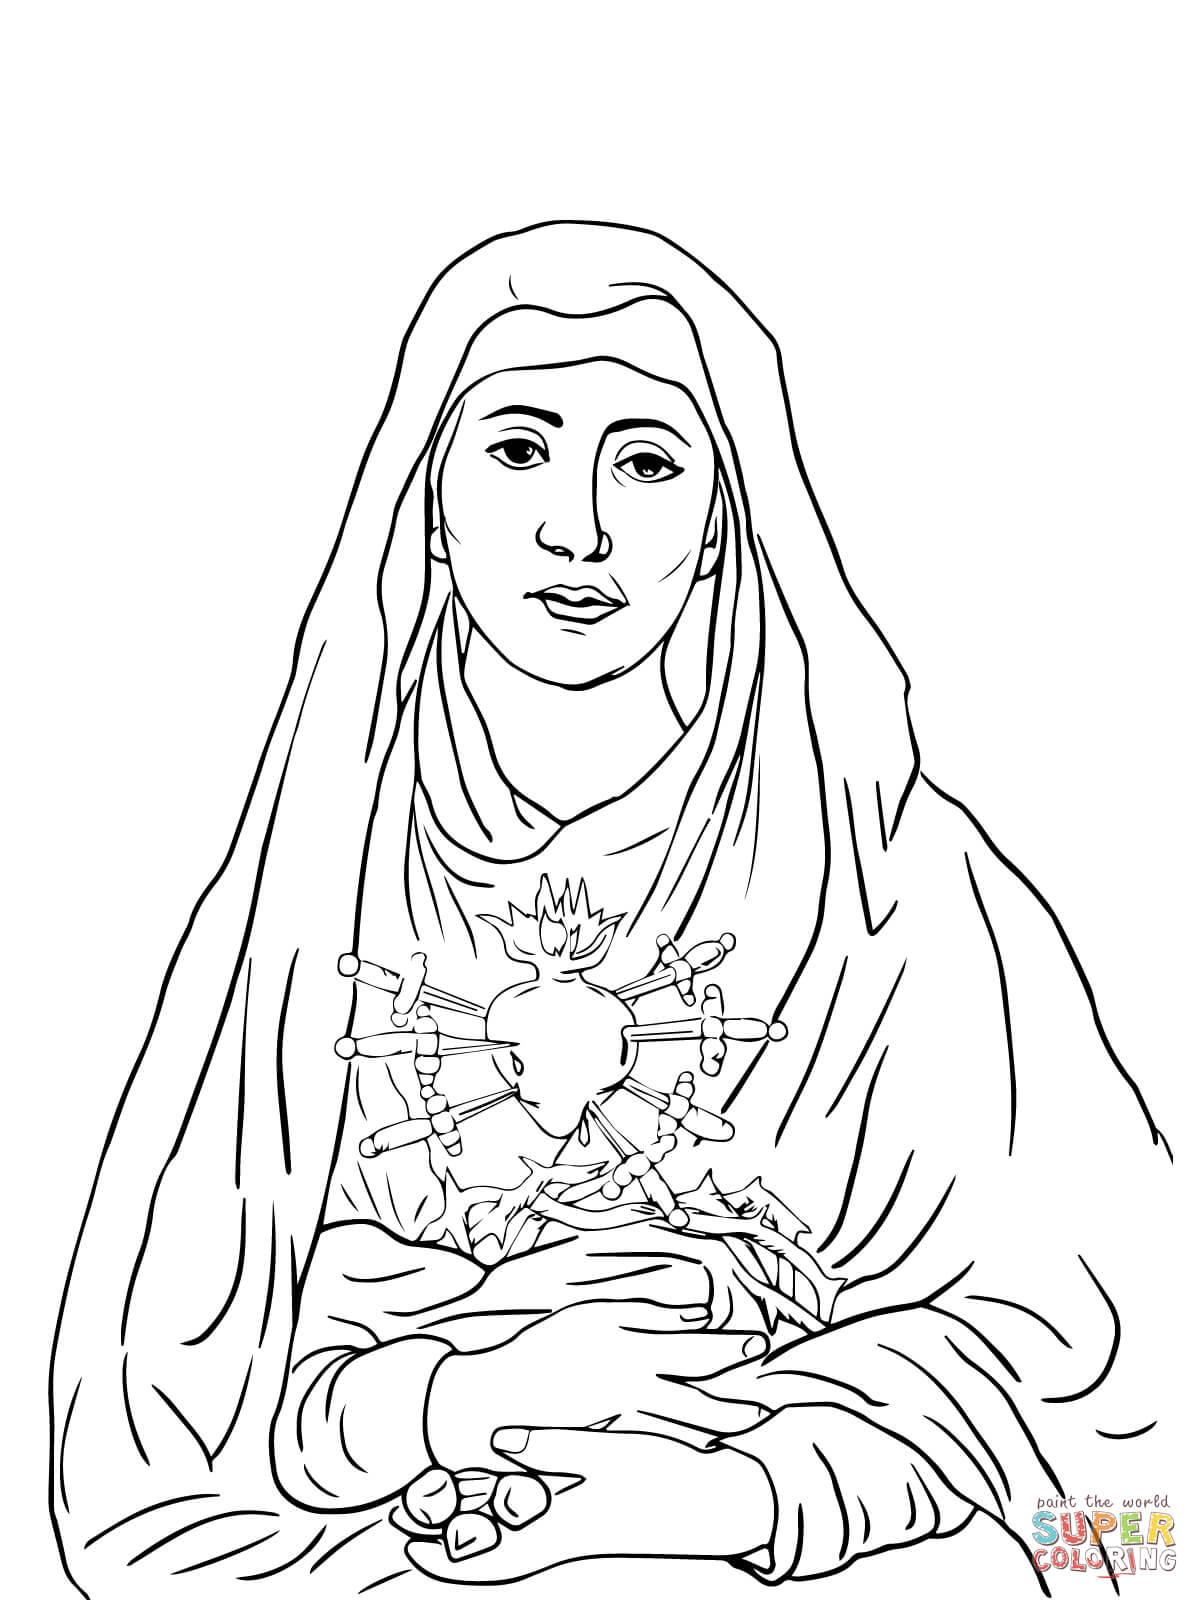 Dibujo de Los Siete Dolores de María para colorear